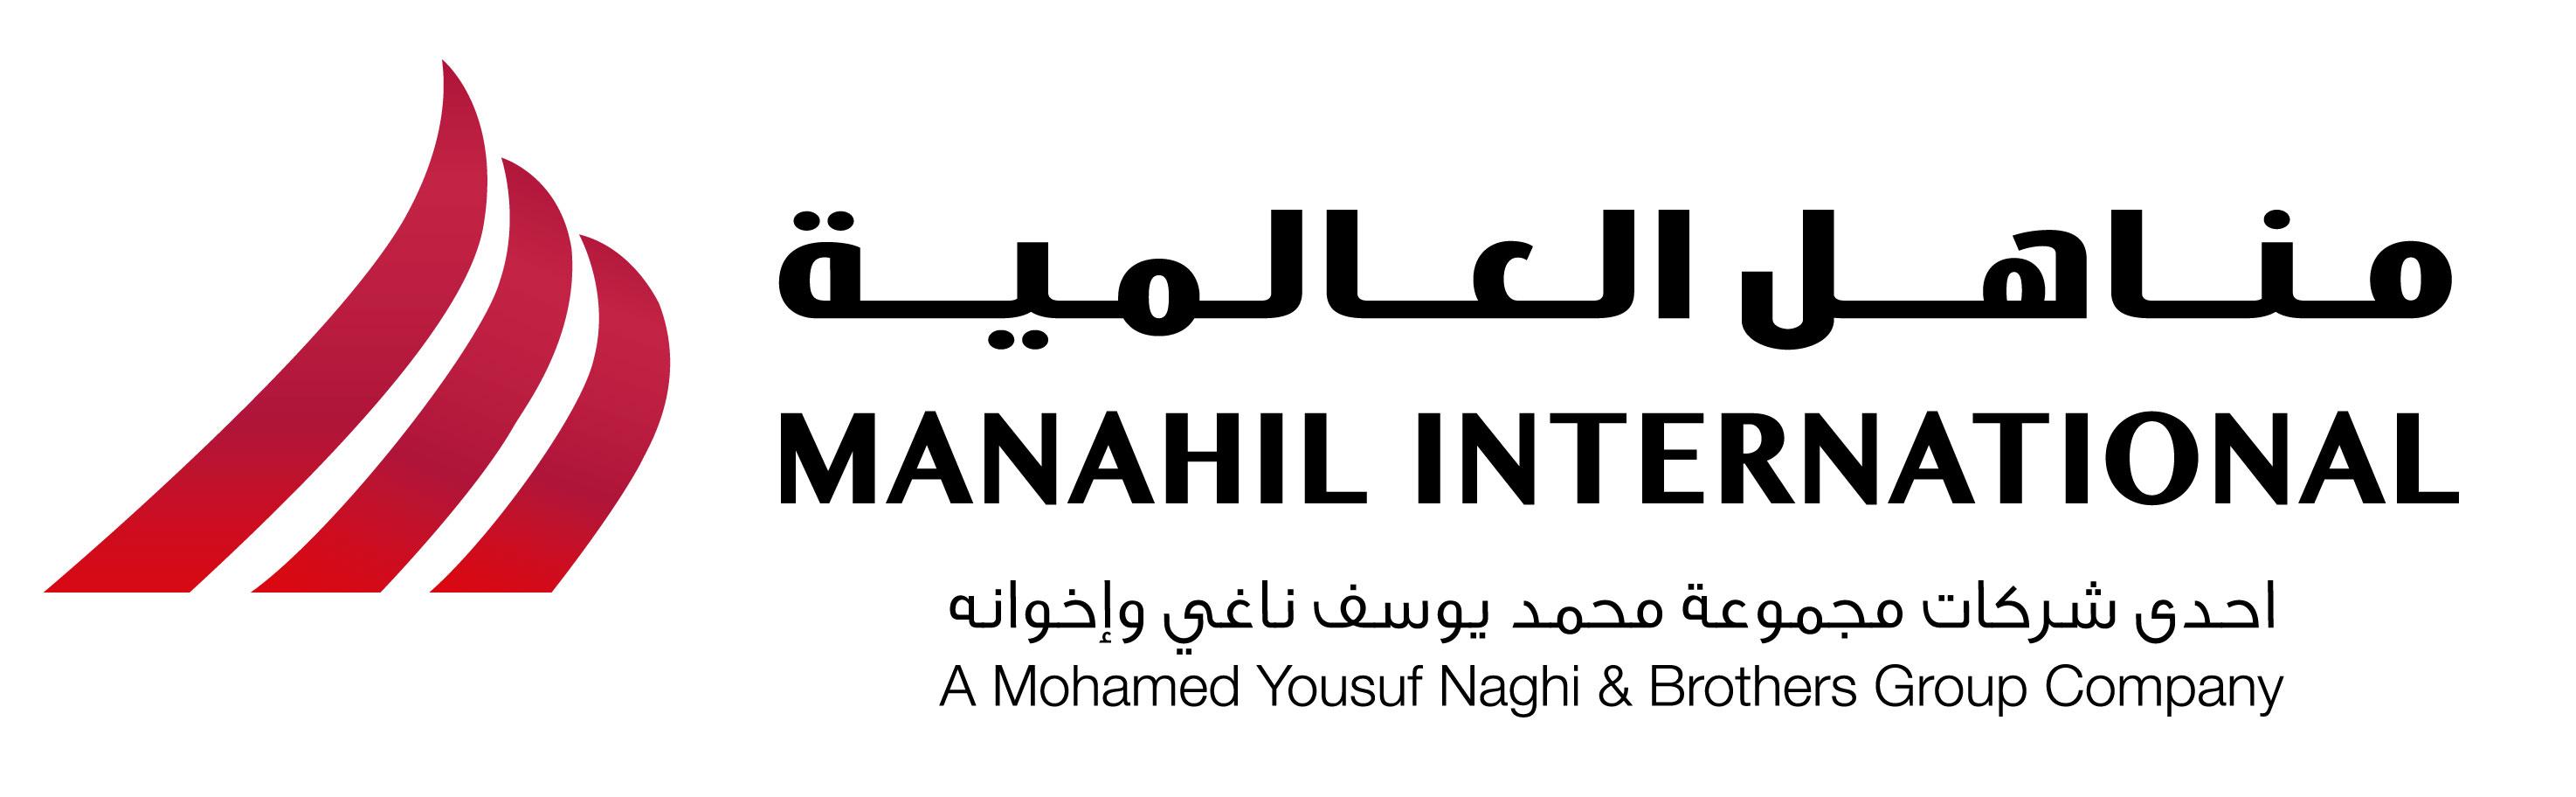 شعار شركة مناهل العالمية